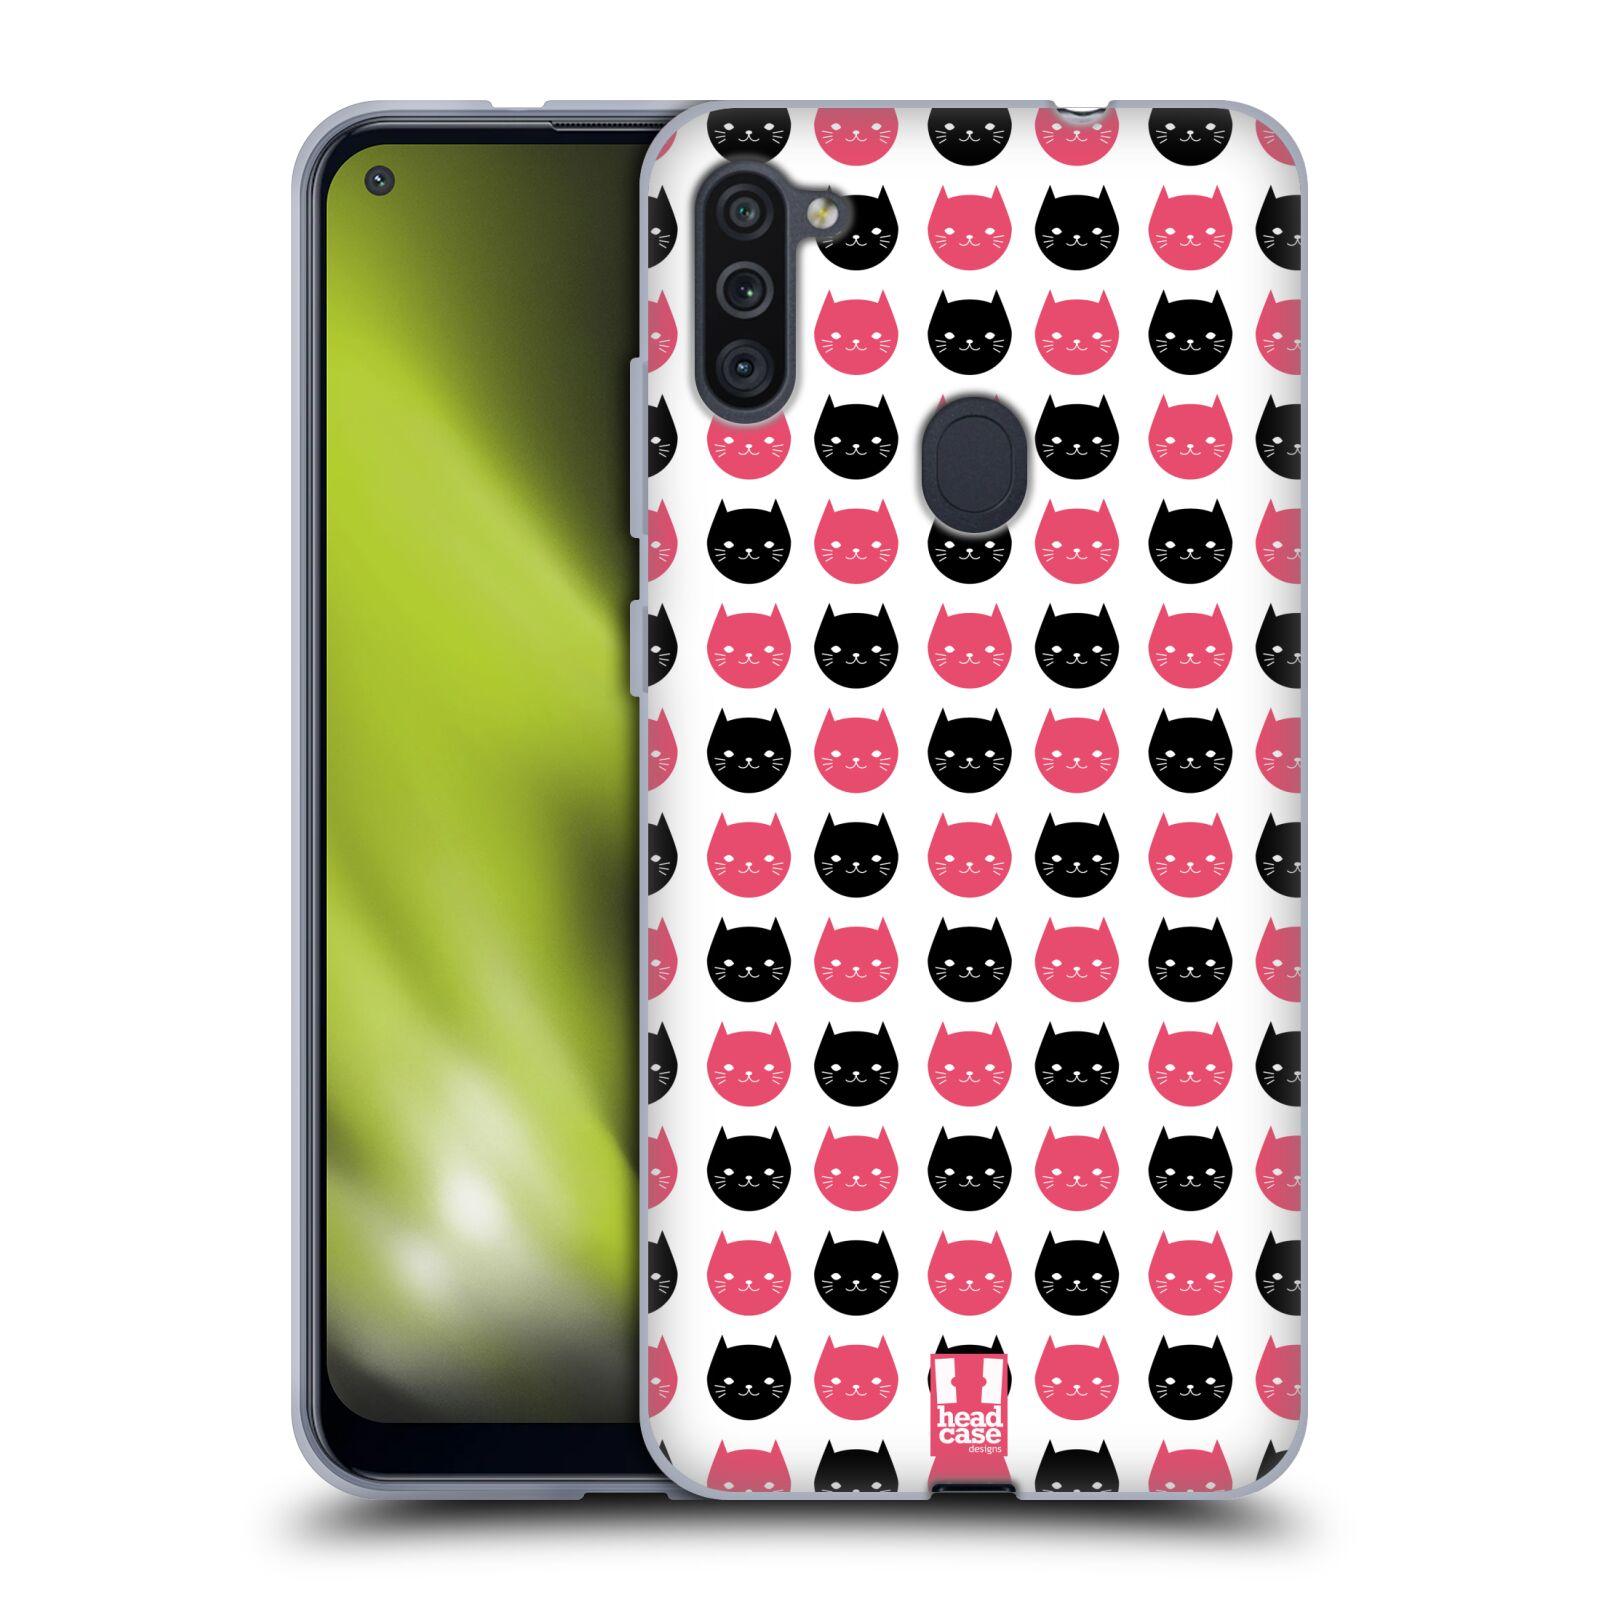 Silikonové pouzdro na mobil Samsung Galaxy M11 - Head Case - KOČKY Black and Pink